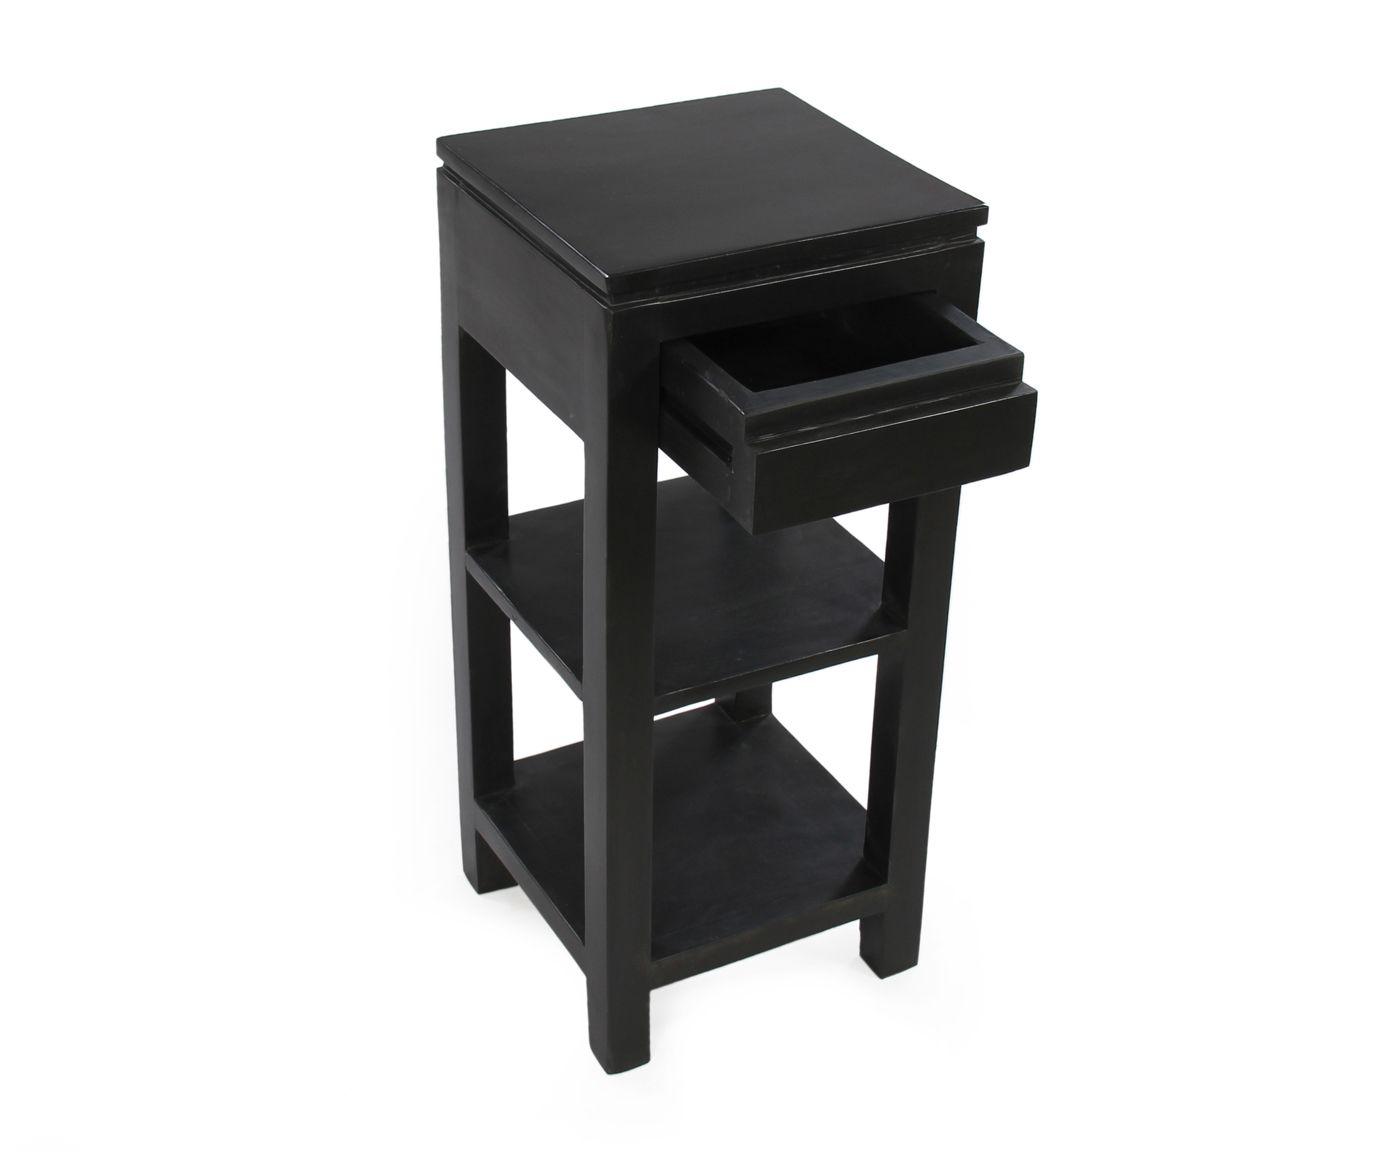 Meuble D Appoint Joan Bois D Acacia Noir L30 Westwing Home Living Meubles D Appoint Mobilier De Salon Meuble